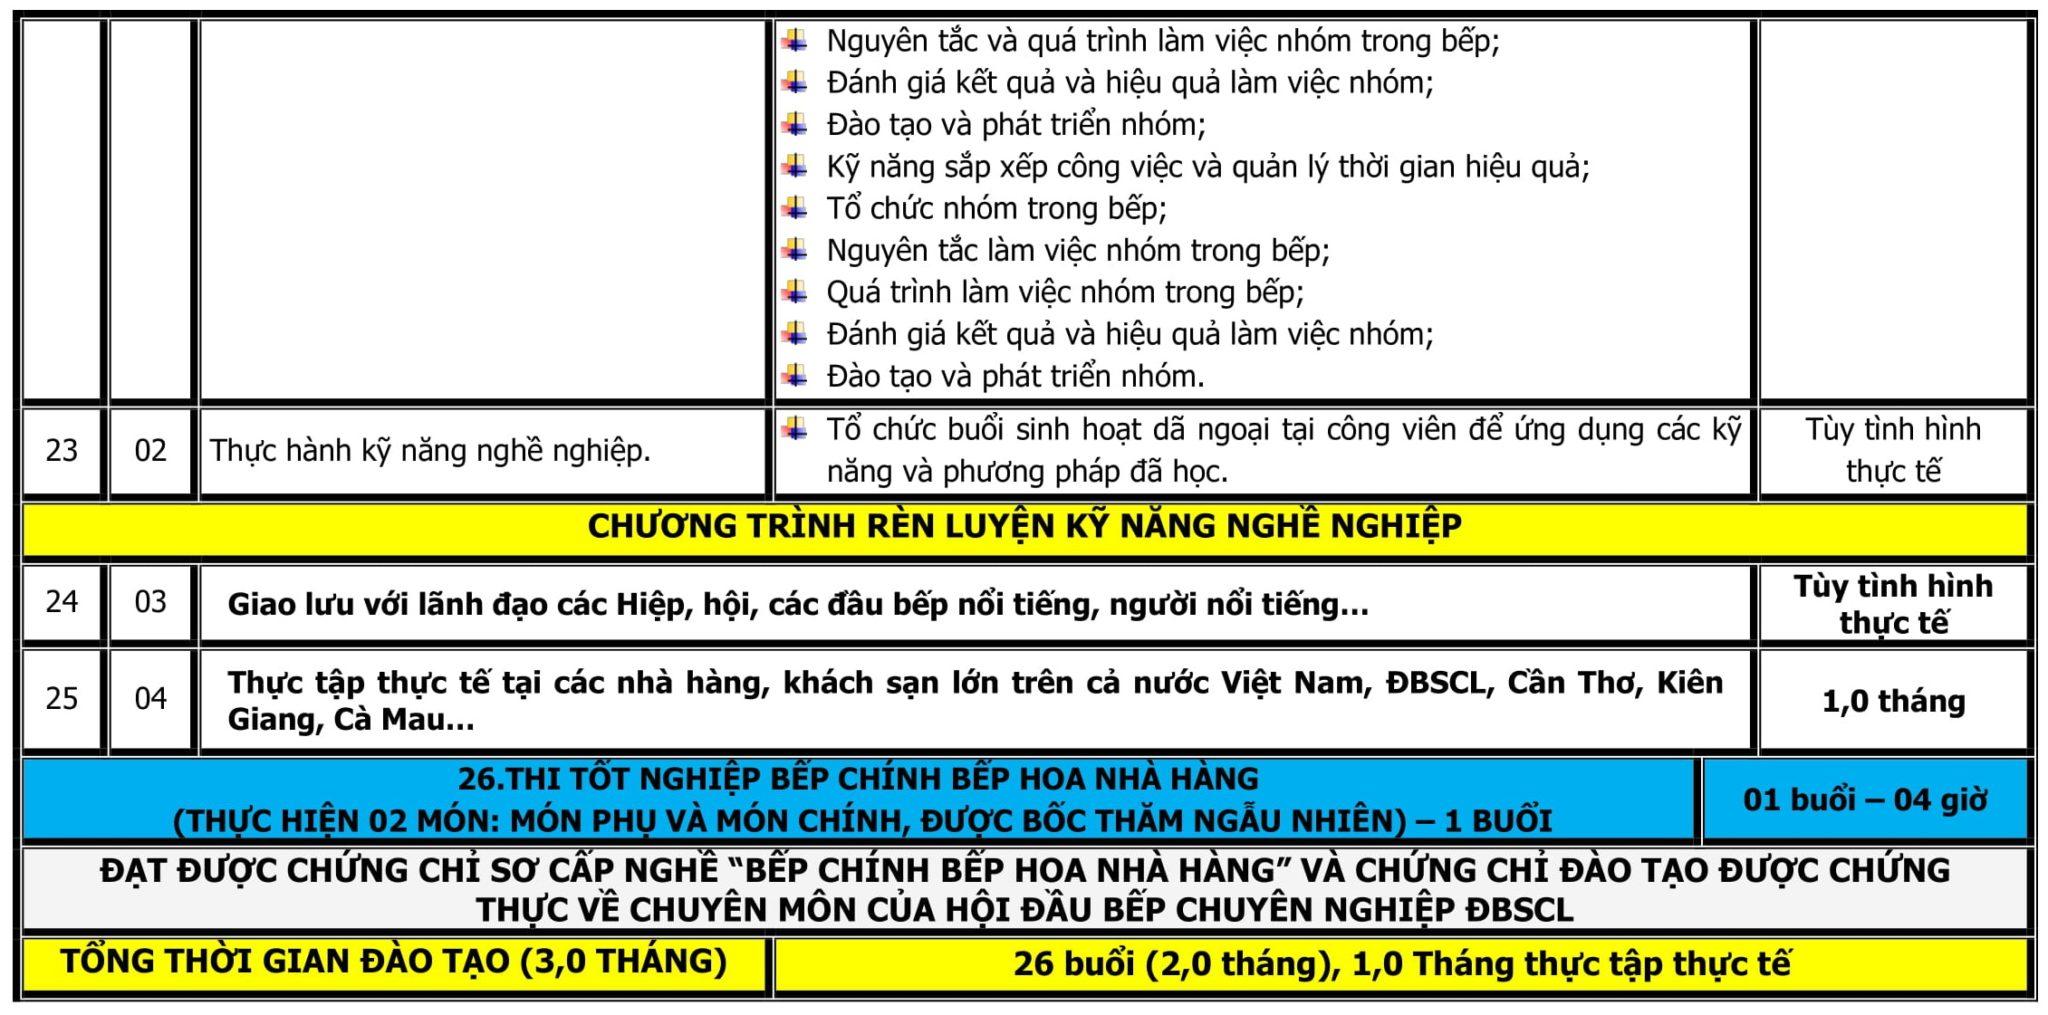 CT-DAO-TAO-BEP-CHINH-BEP-HOA-5